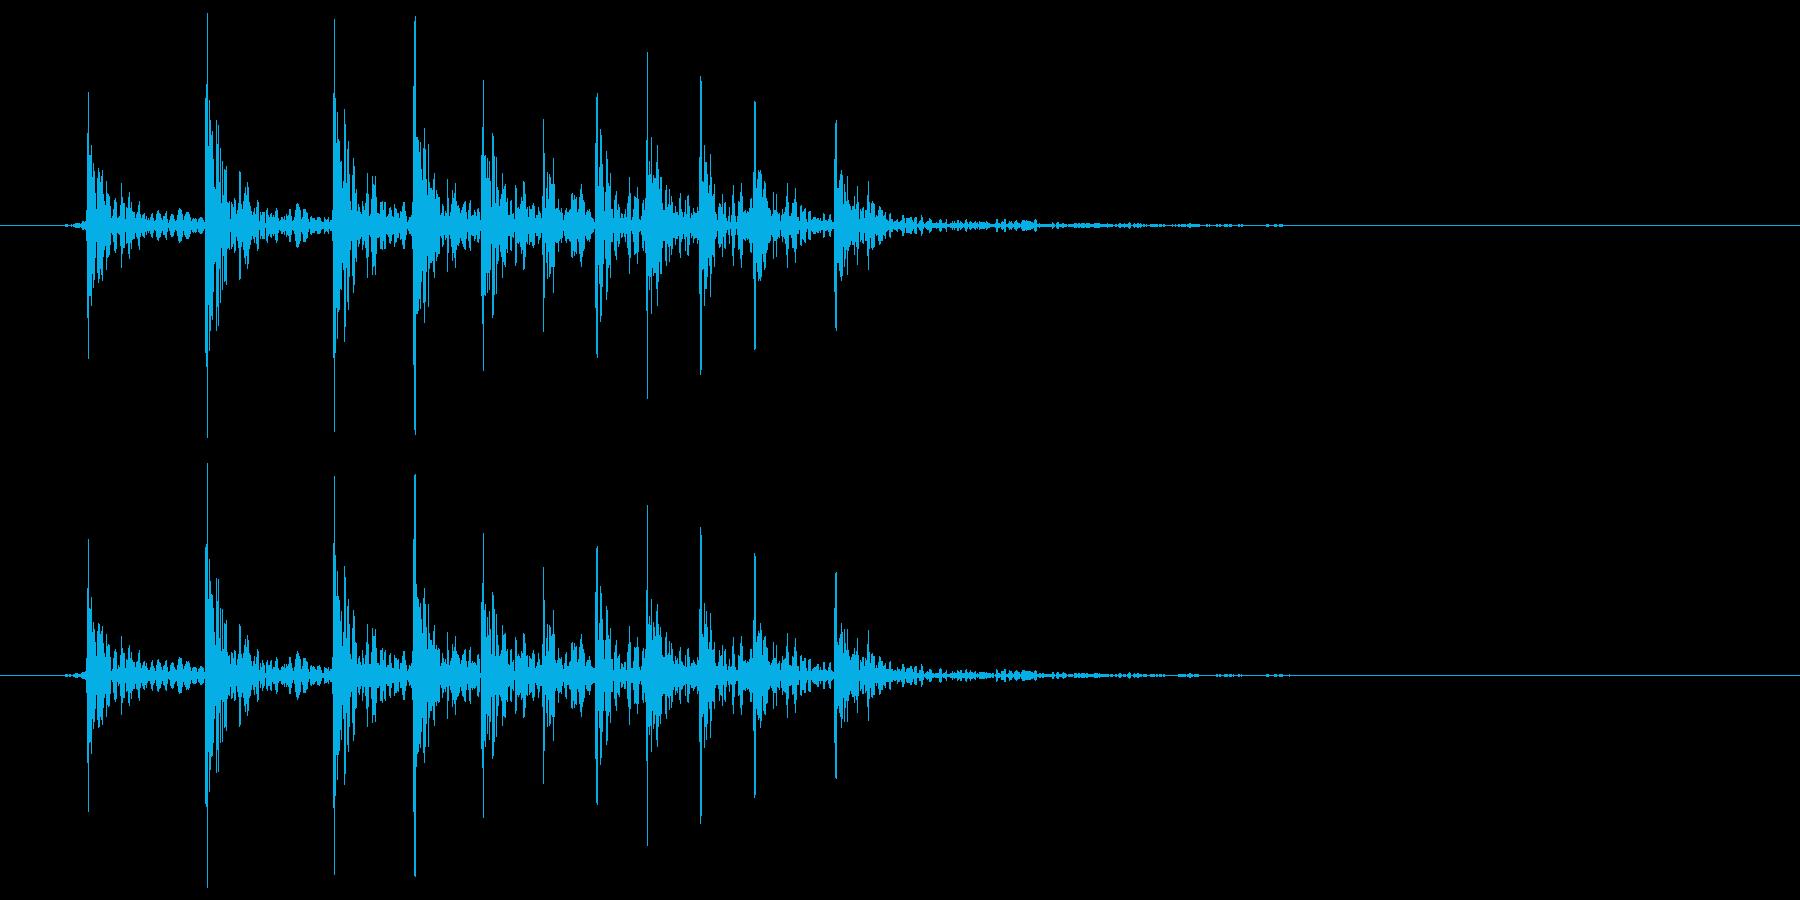 床がきしむ(軋む) ギィィの再生済みの波形